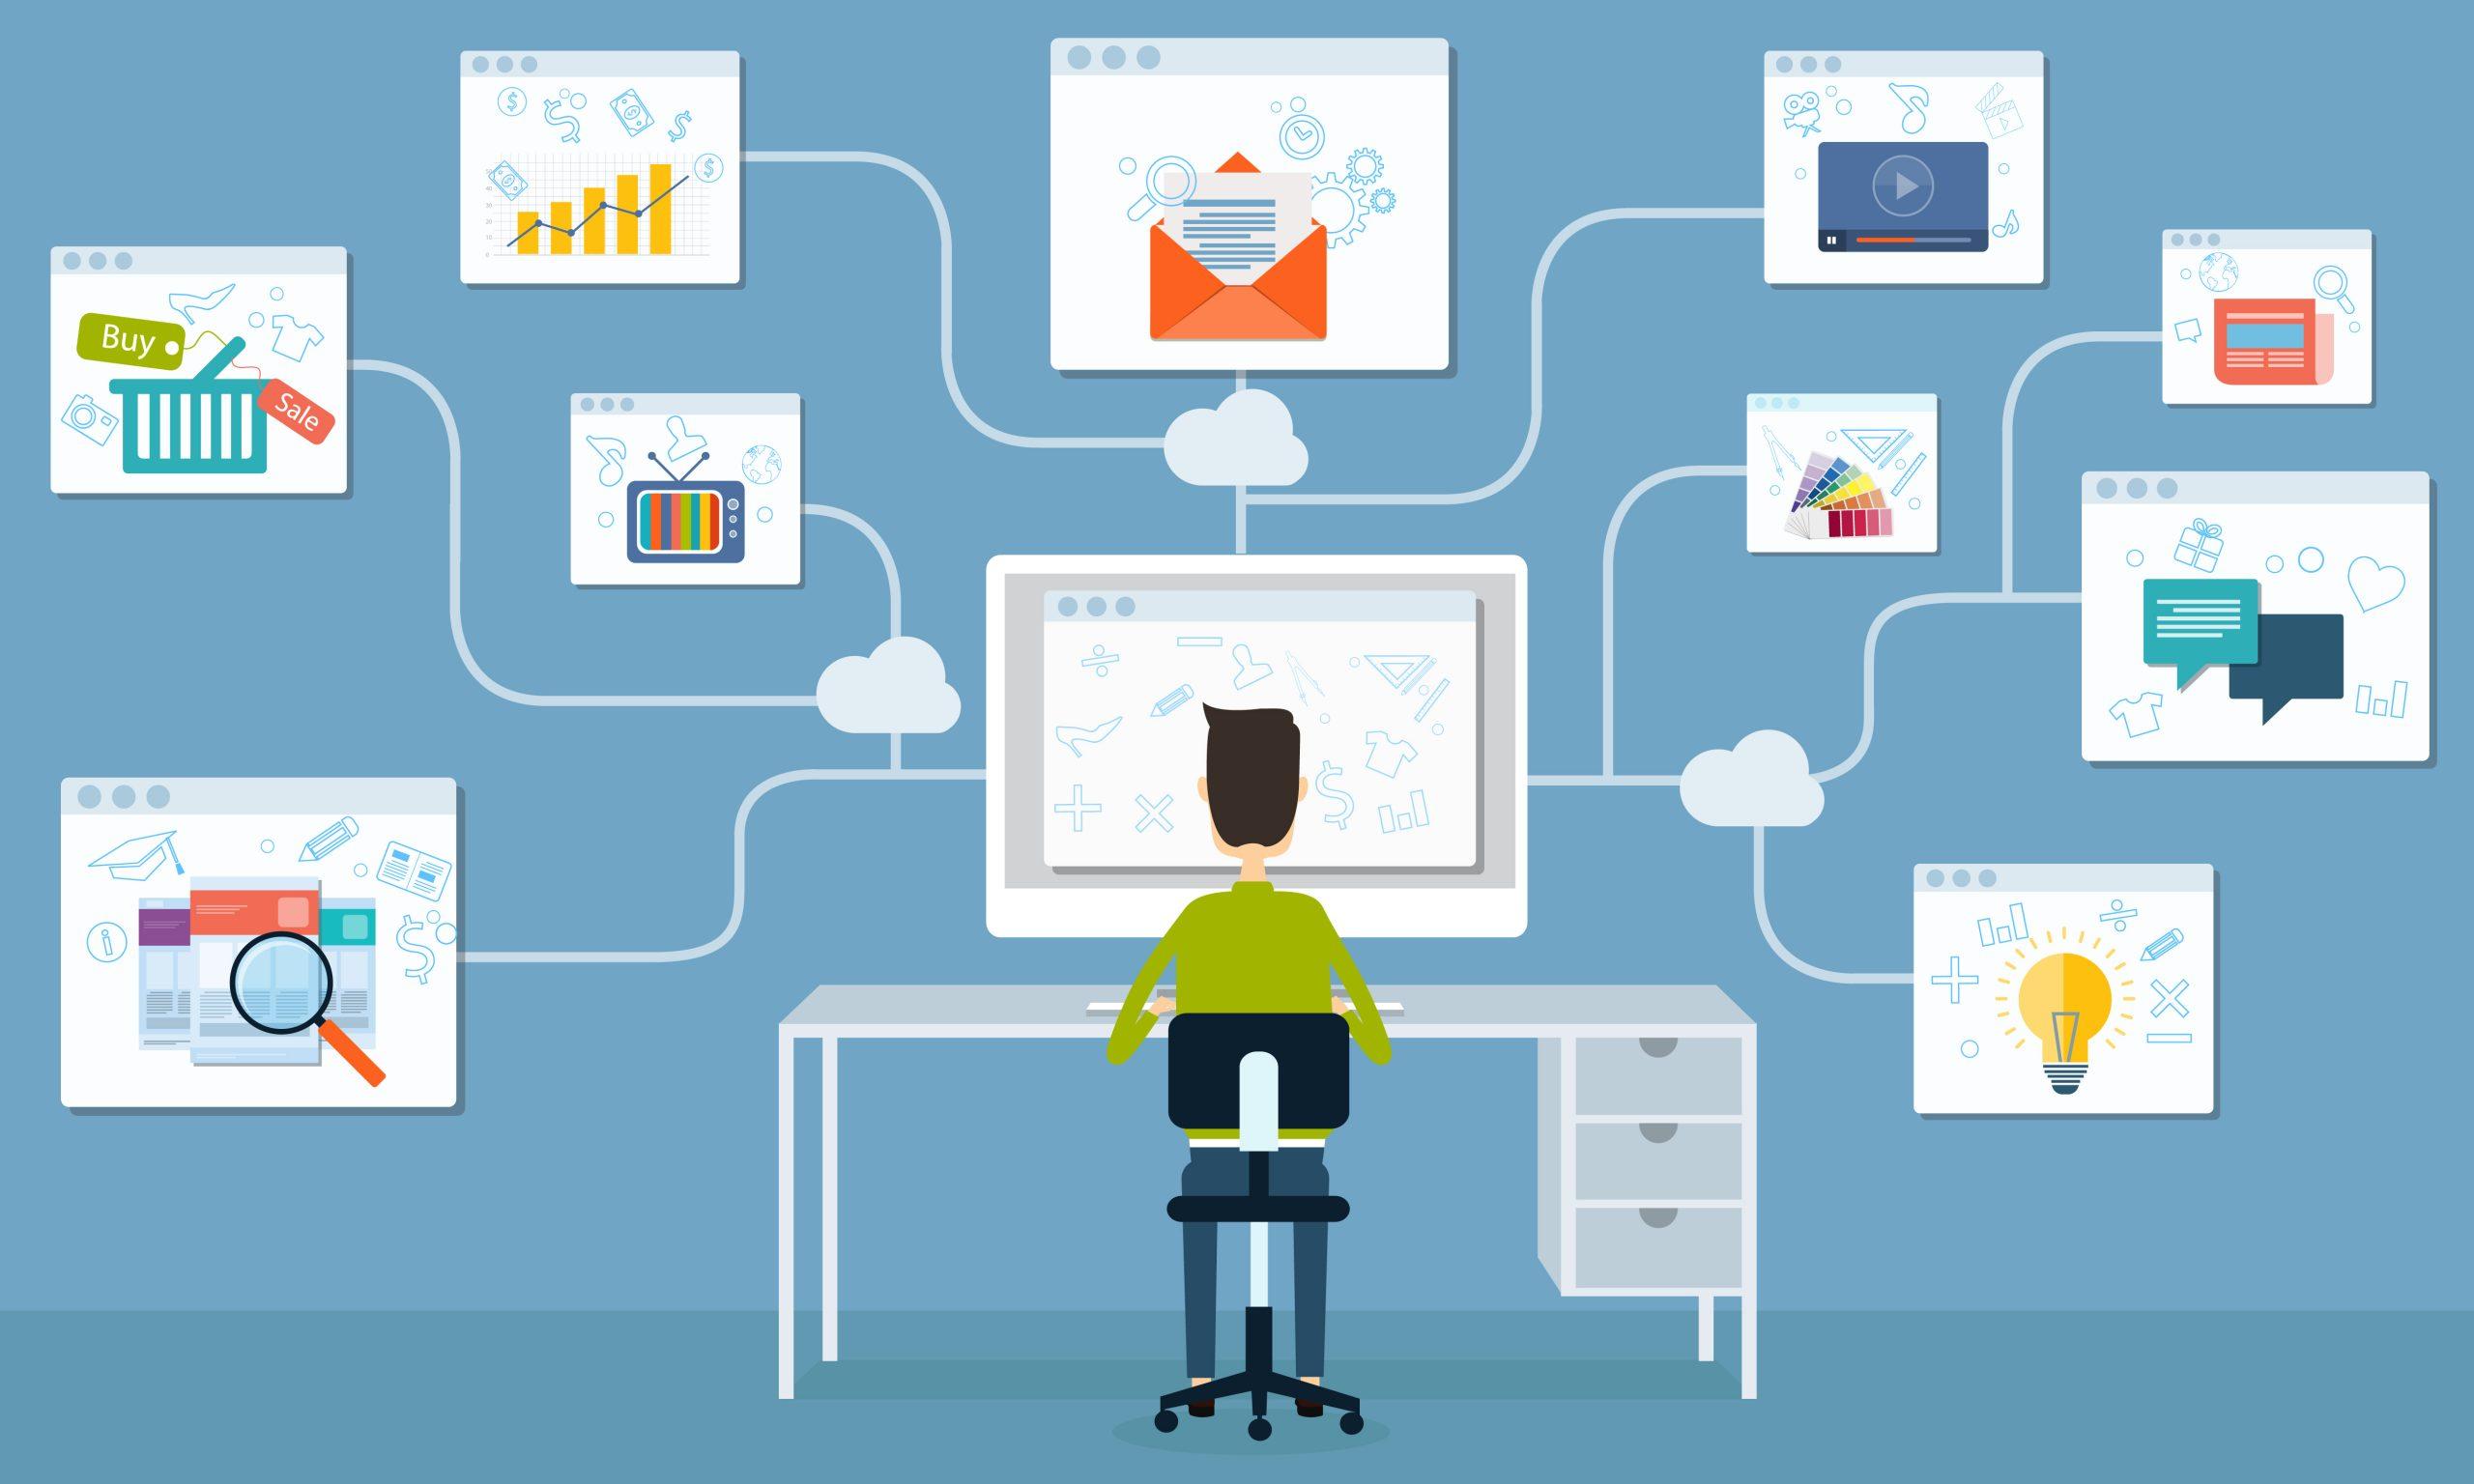 دور التسويق الالكتروني في زيادة المبيعات